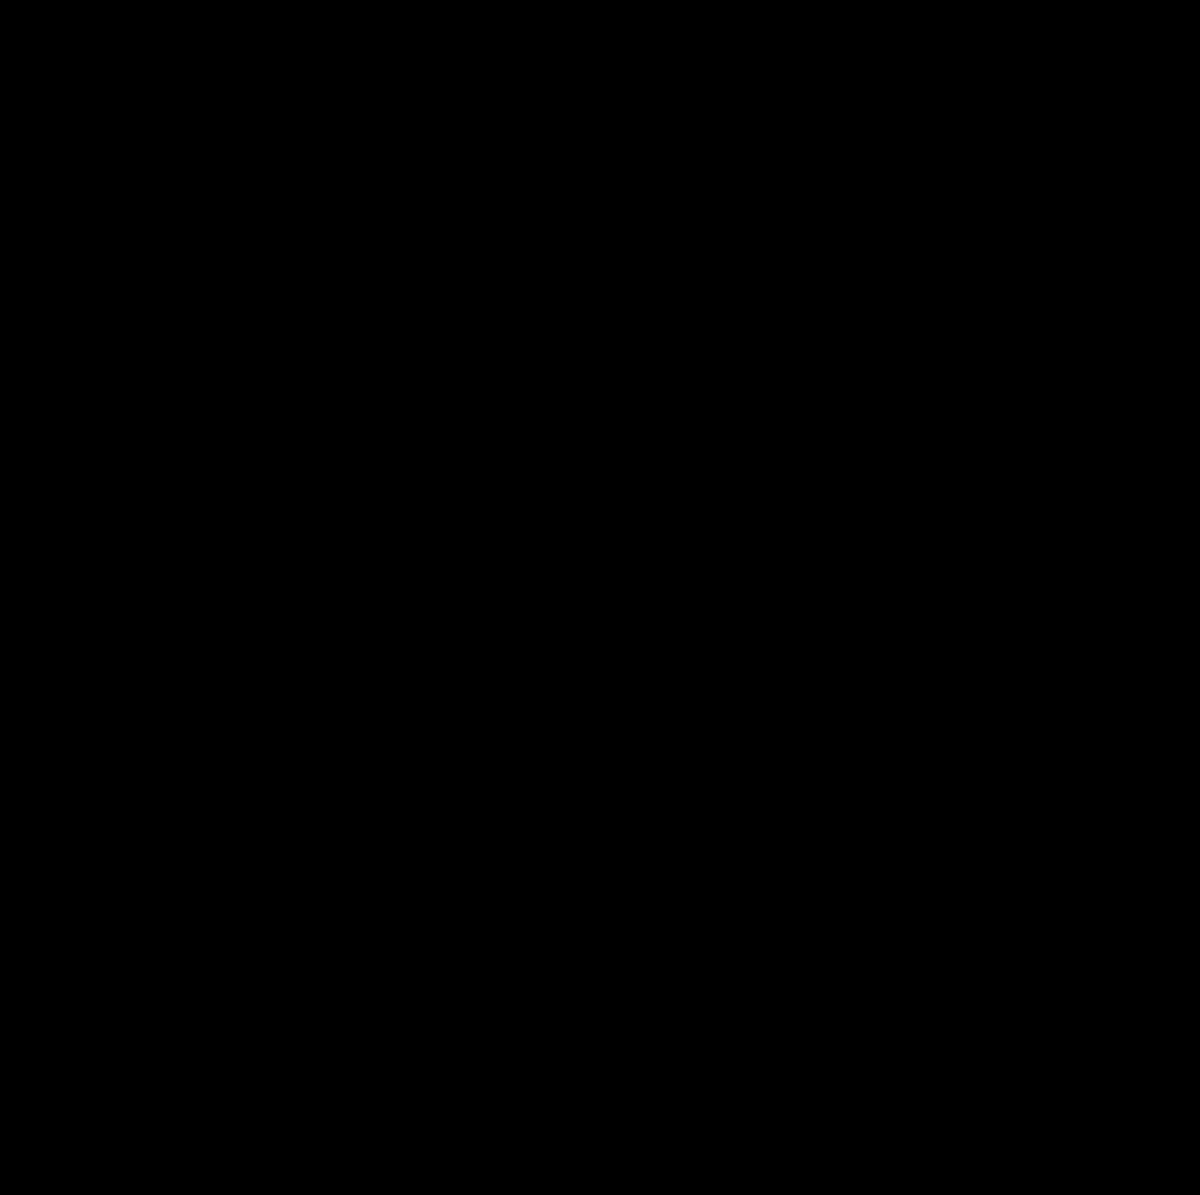 Favicon en noir et blanc